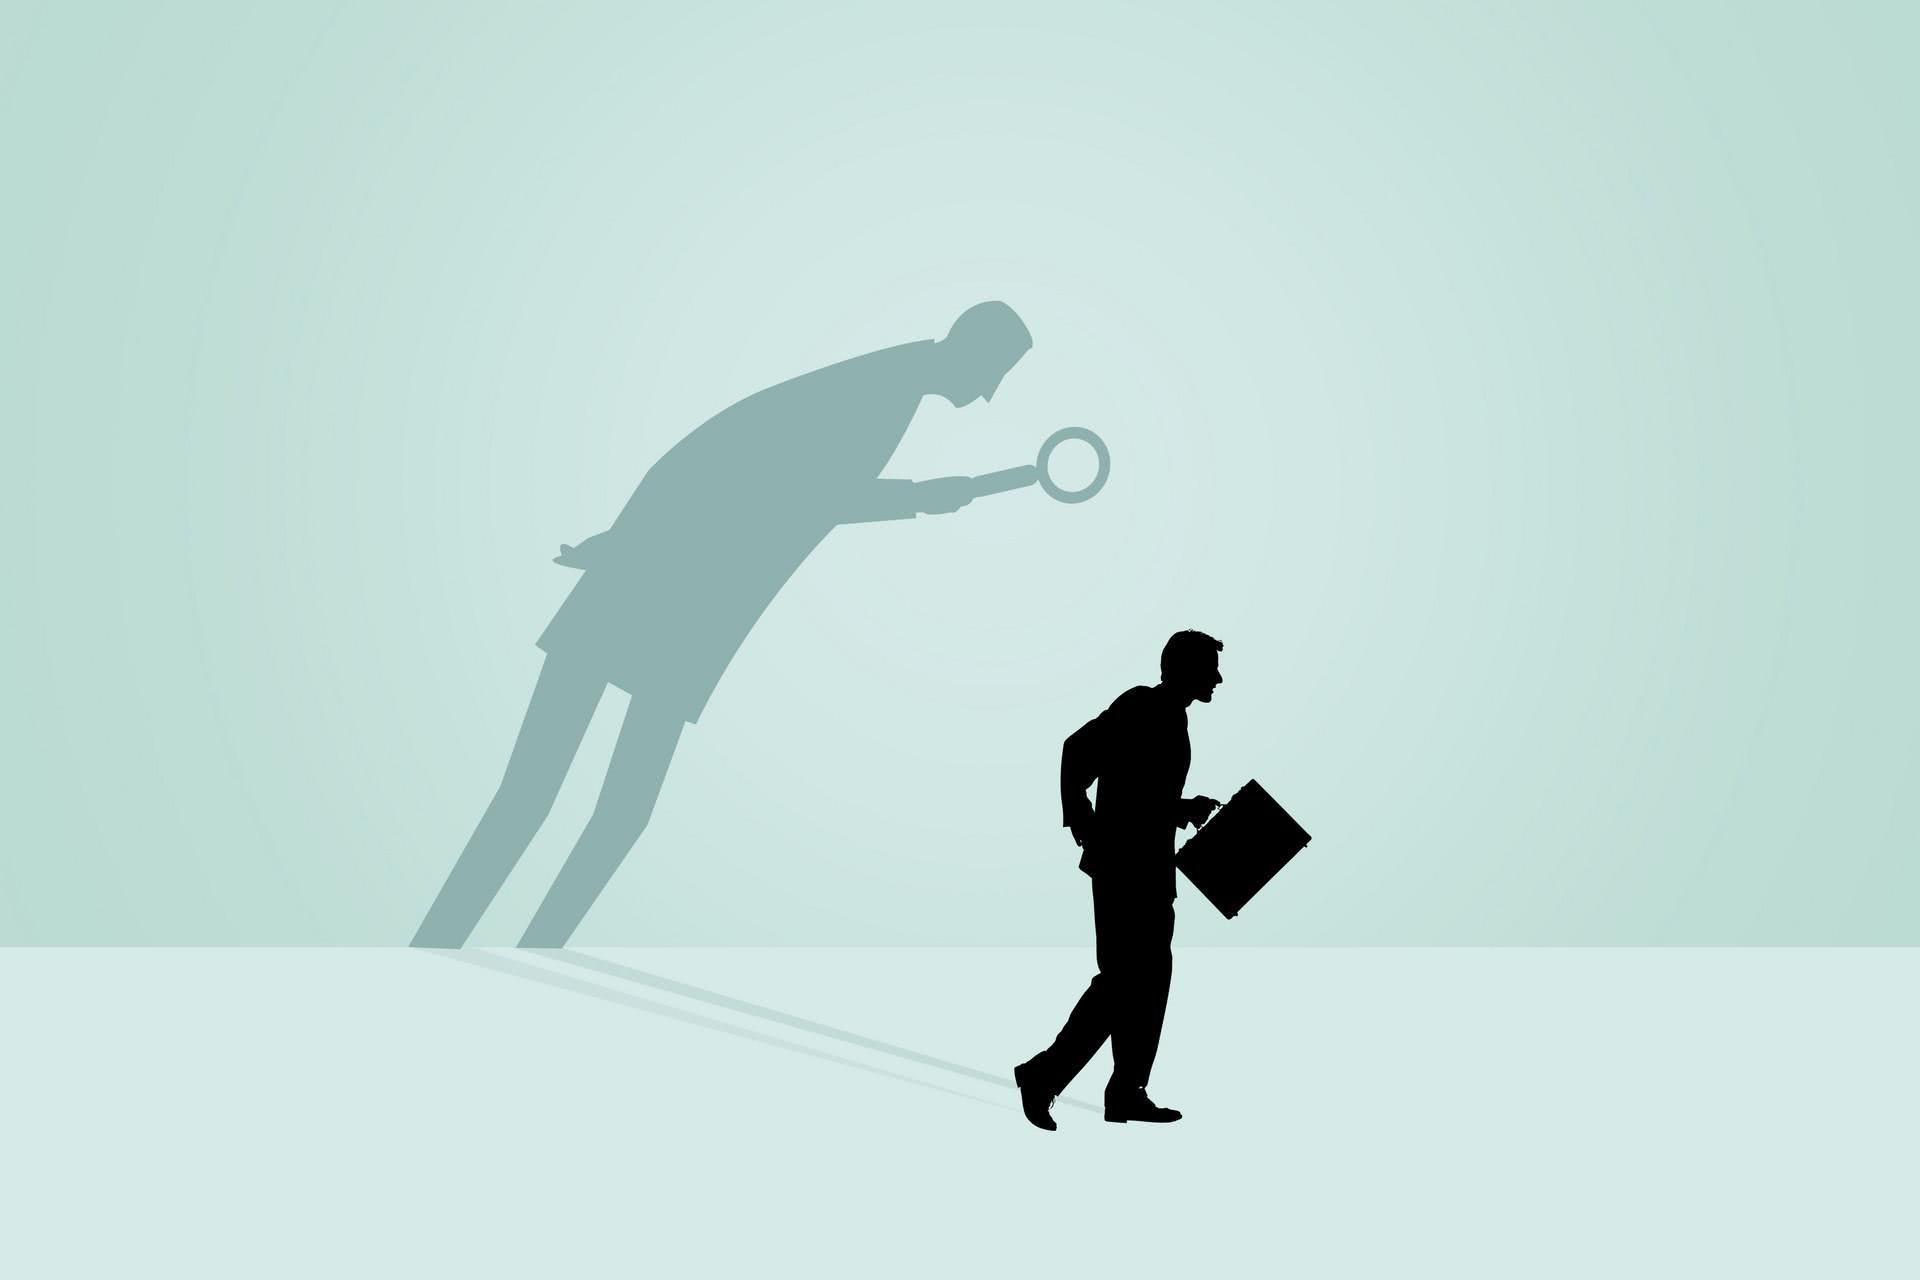 别被盲目的工作累死!让选择影响你,盘活自己的职场与生活